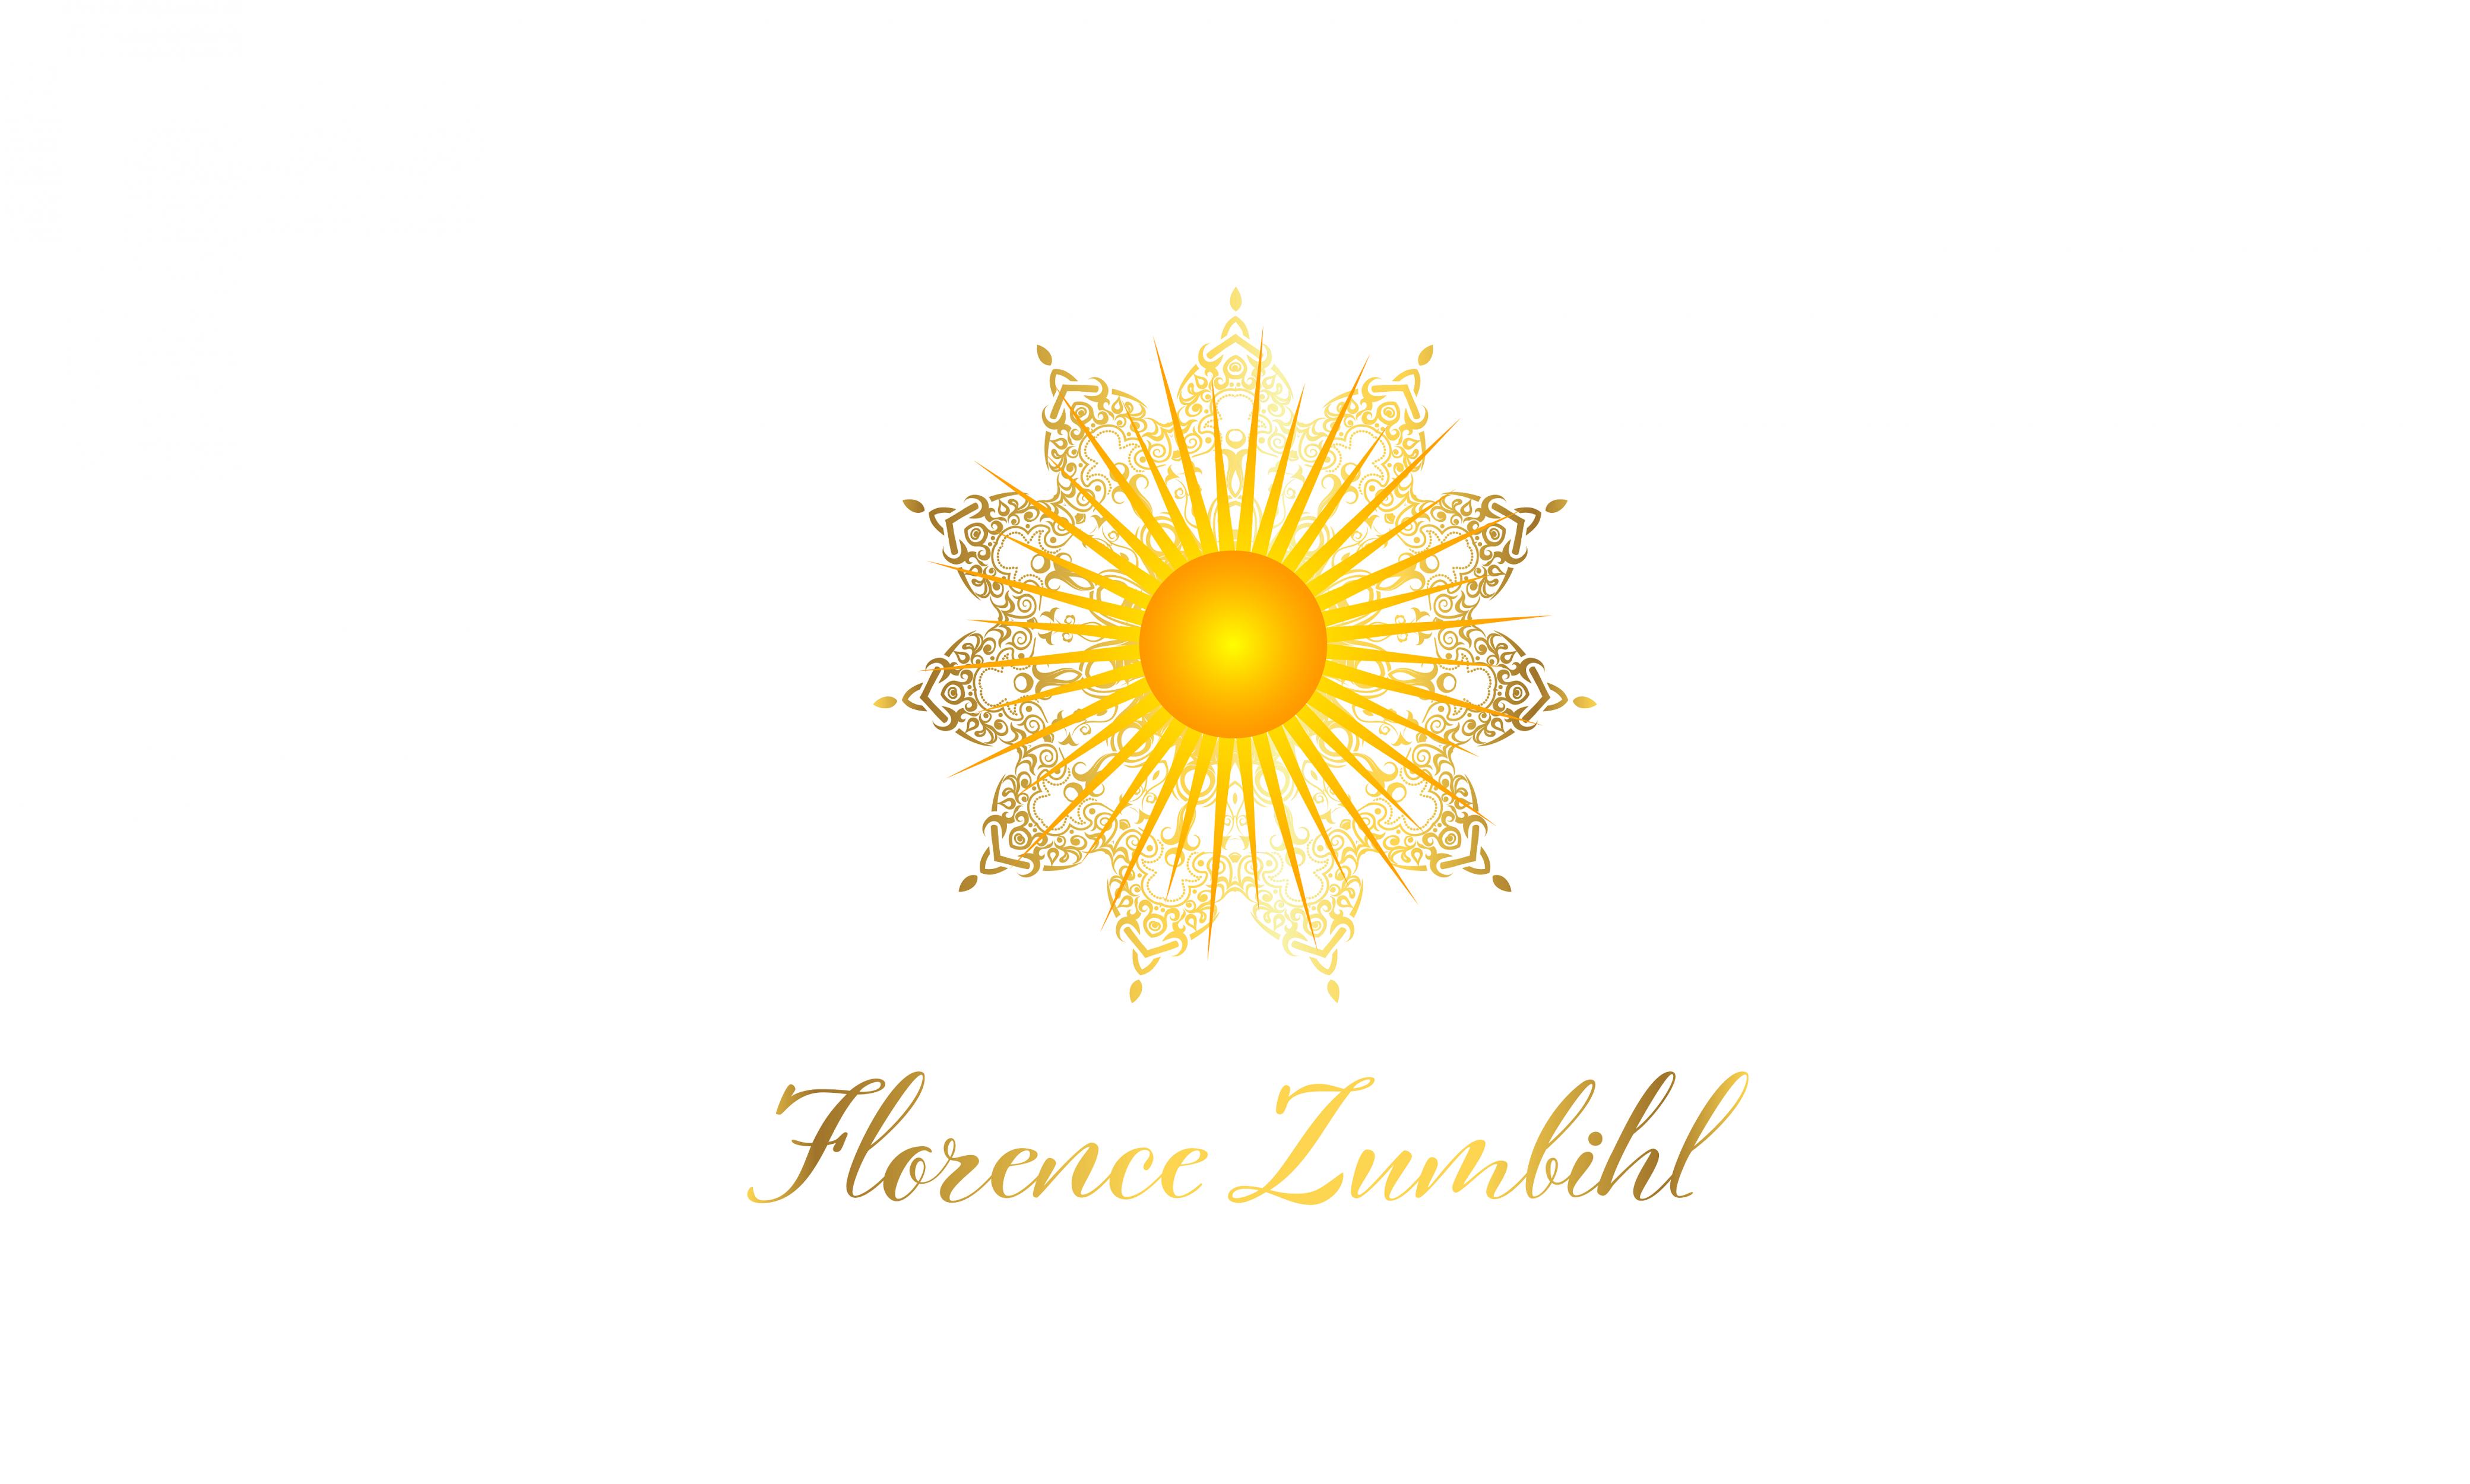 Zeit der Veränderung Newsletter vom 28. Januar 2019 - zumbihl florence mandala logo e1606906768795